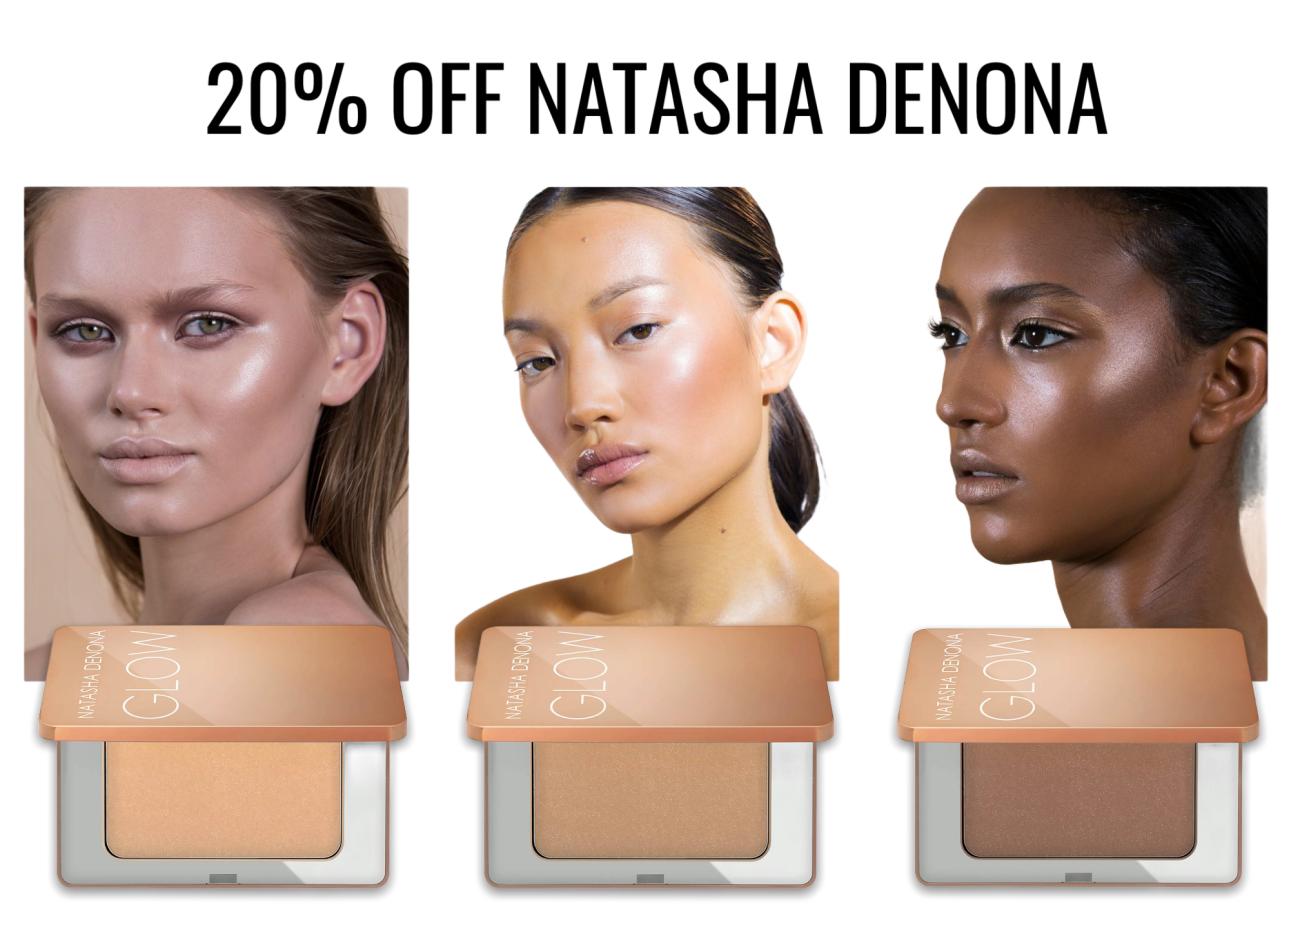 20% Off Natasha Denona